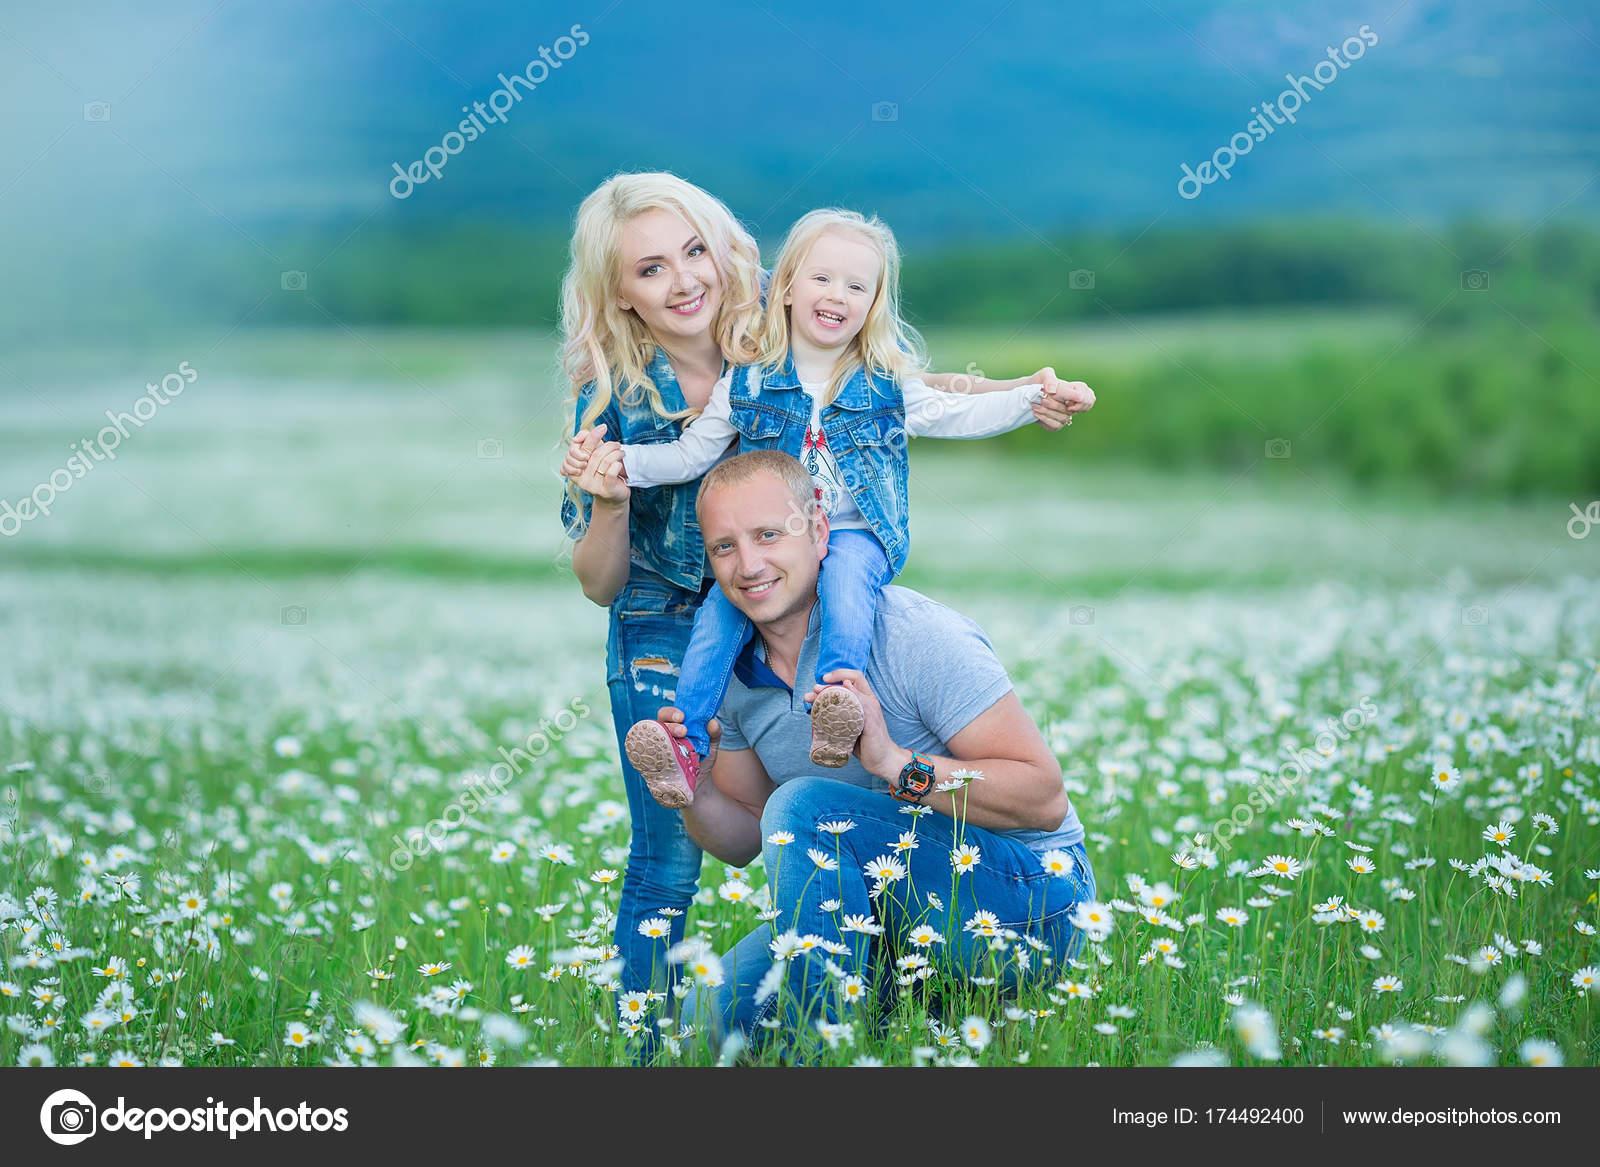 8705a8fcb712 glückliche Familie Spaß im Freien. Porträt von happy Family im Lande ...